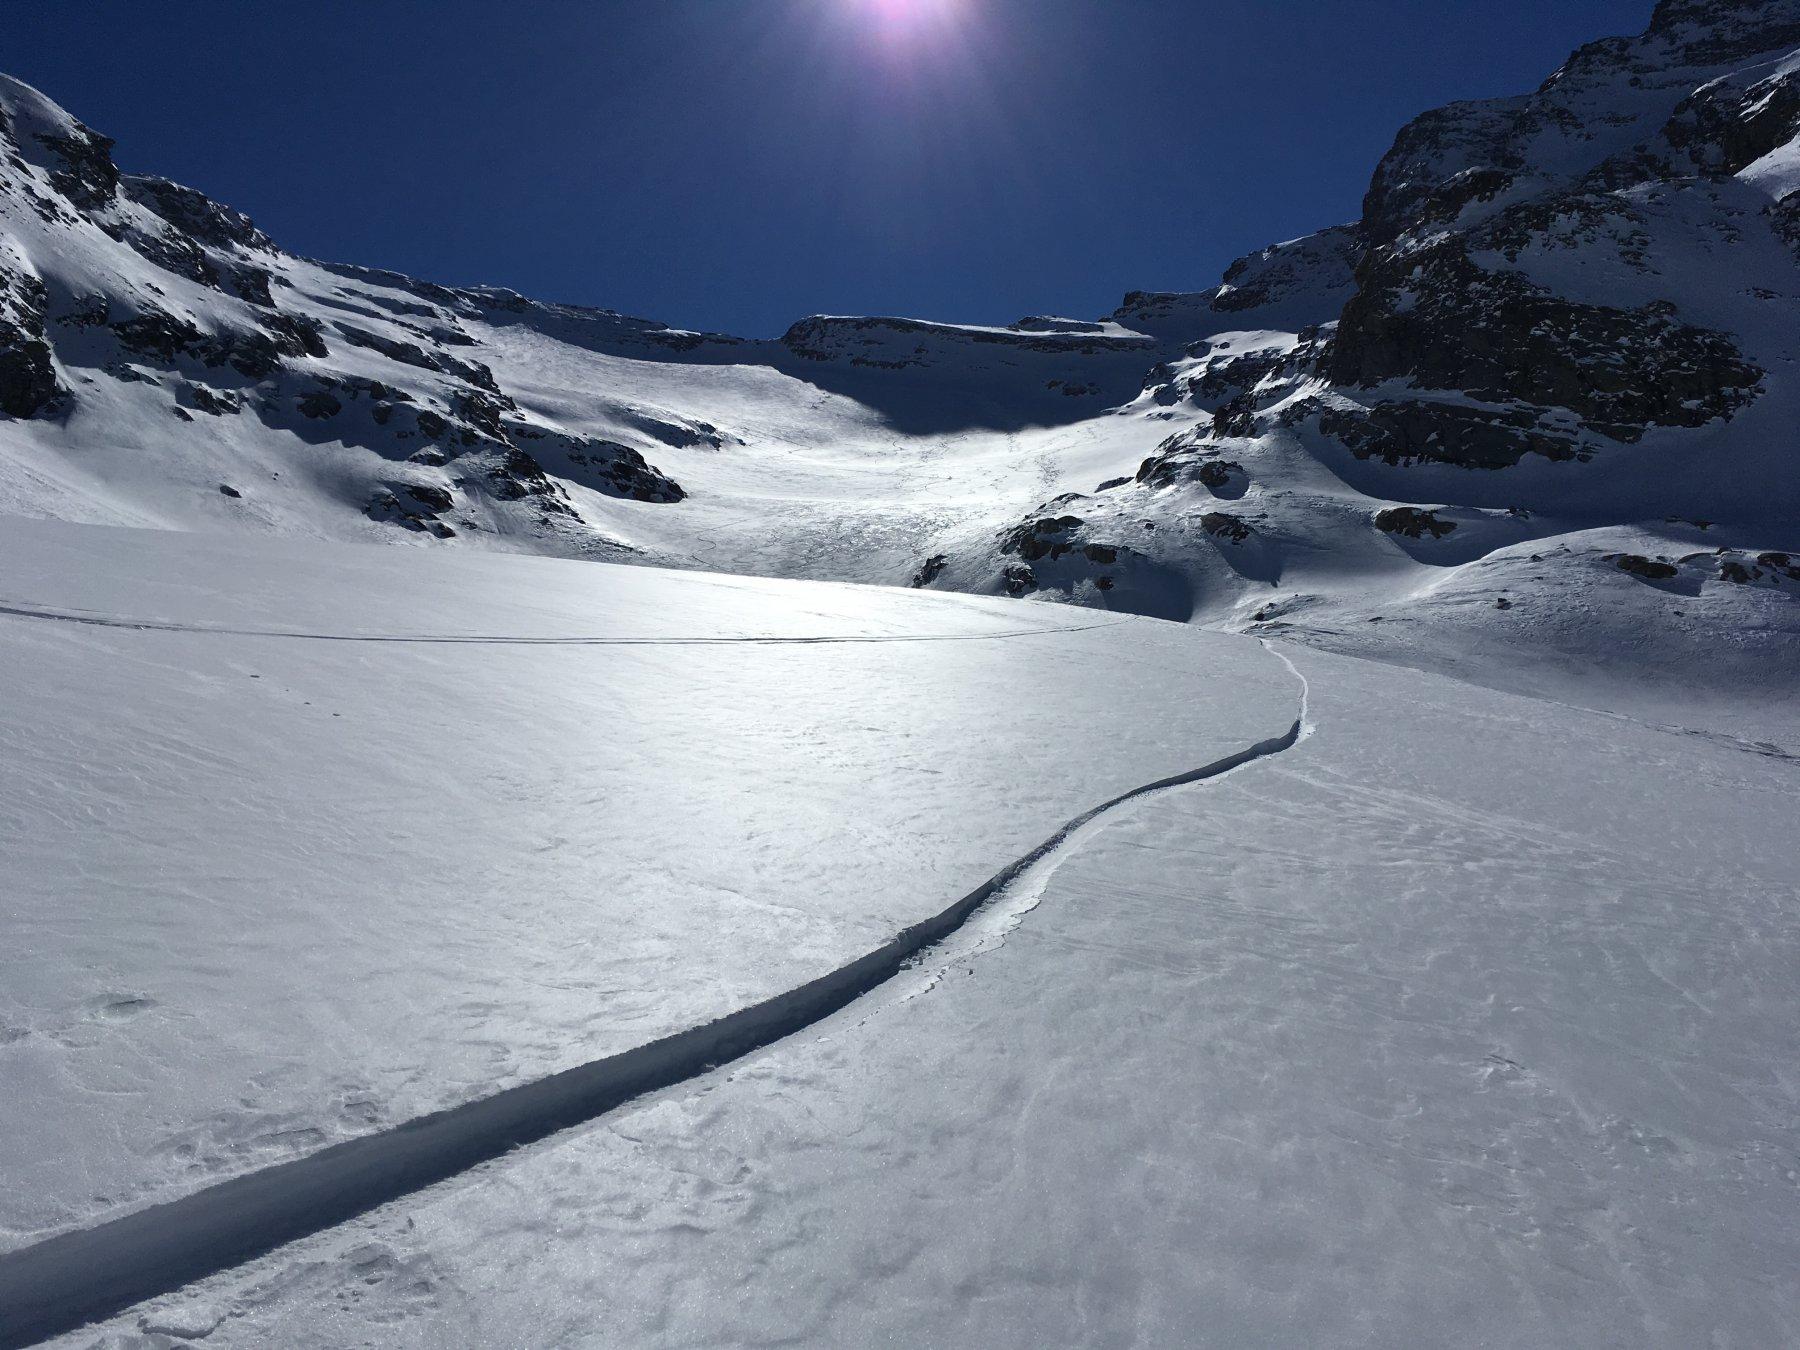 traccia di snowboard